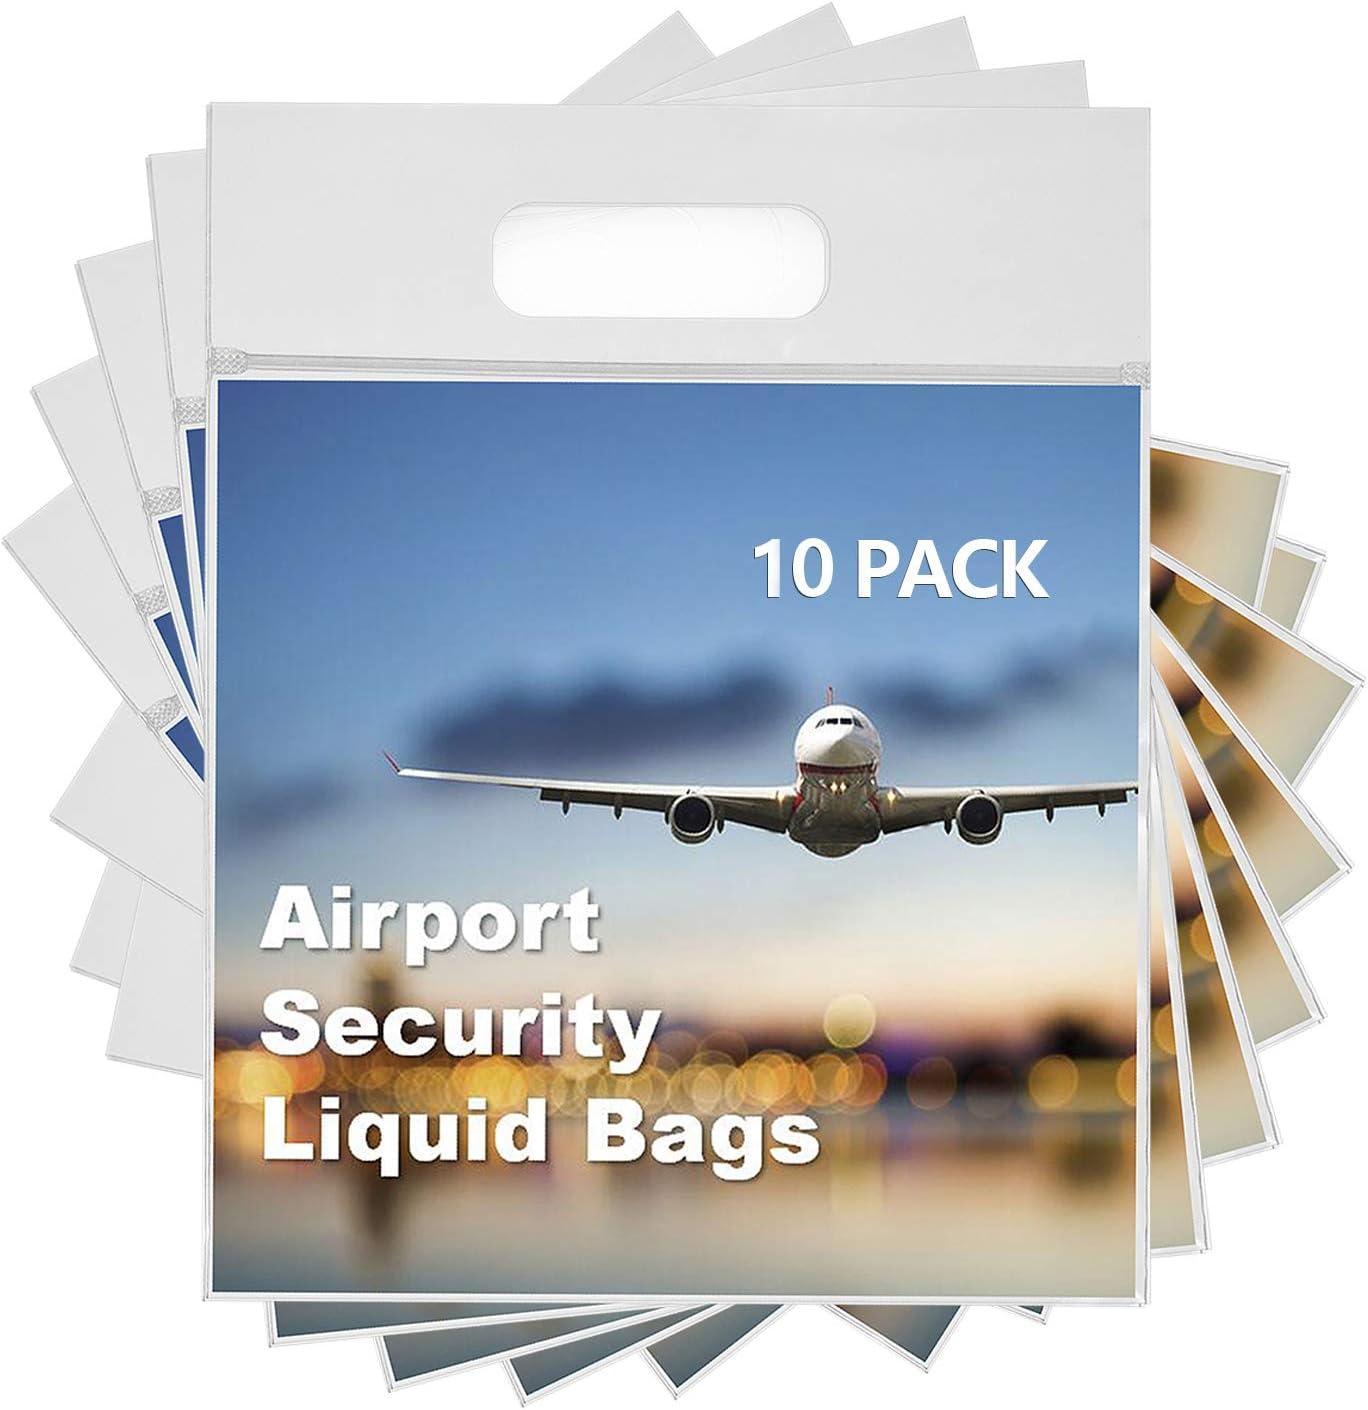 Neceser y Bolsa Transparente para Líquidos en el Equipaje de Mano.Bolsas de Líquidos para Viaje en Avión, Plástico y Resellable con Dimensión de 20 x 20cm y Capacidad de un litro [12